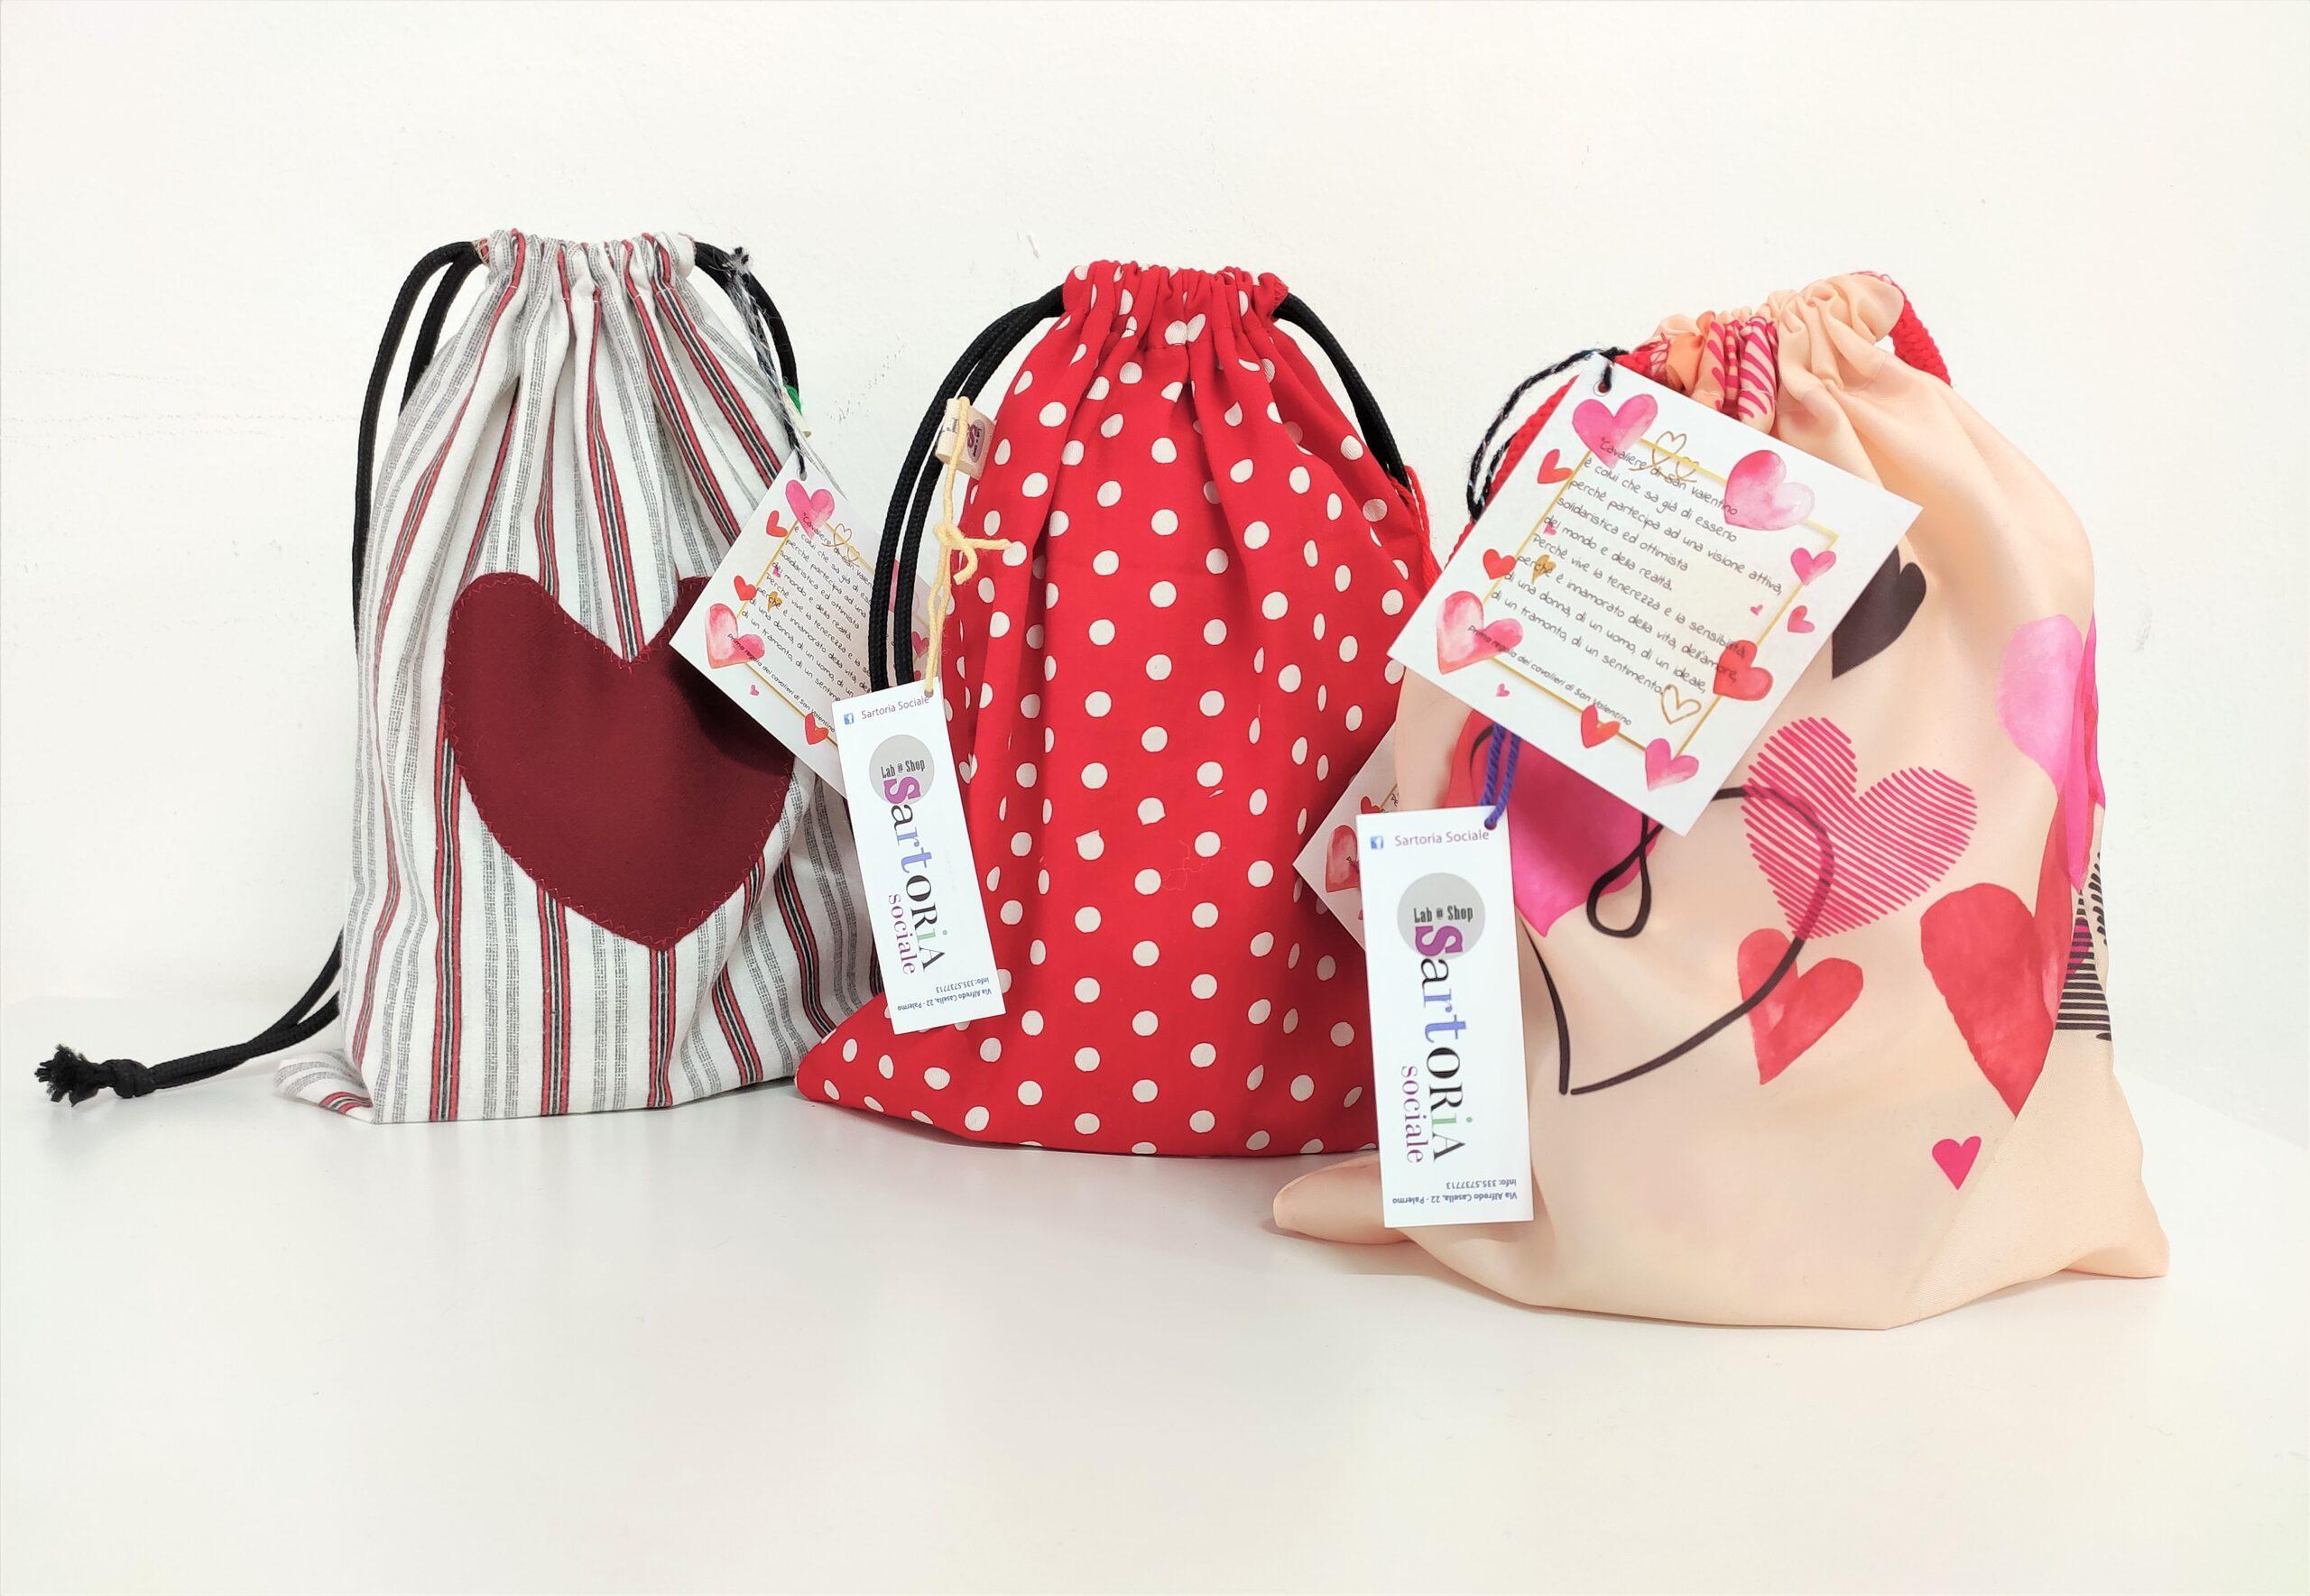 sacchetti di san valentino - sartoria sociale e pasticceria scimeca